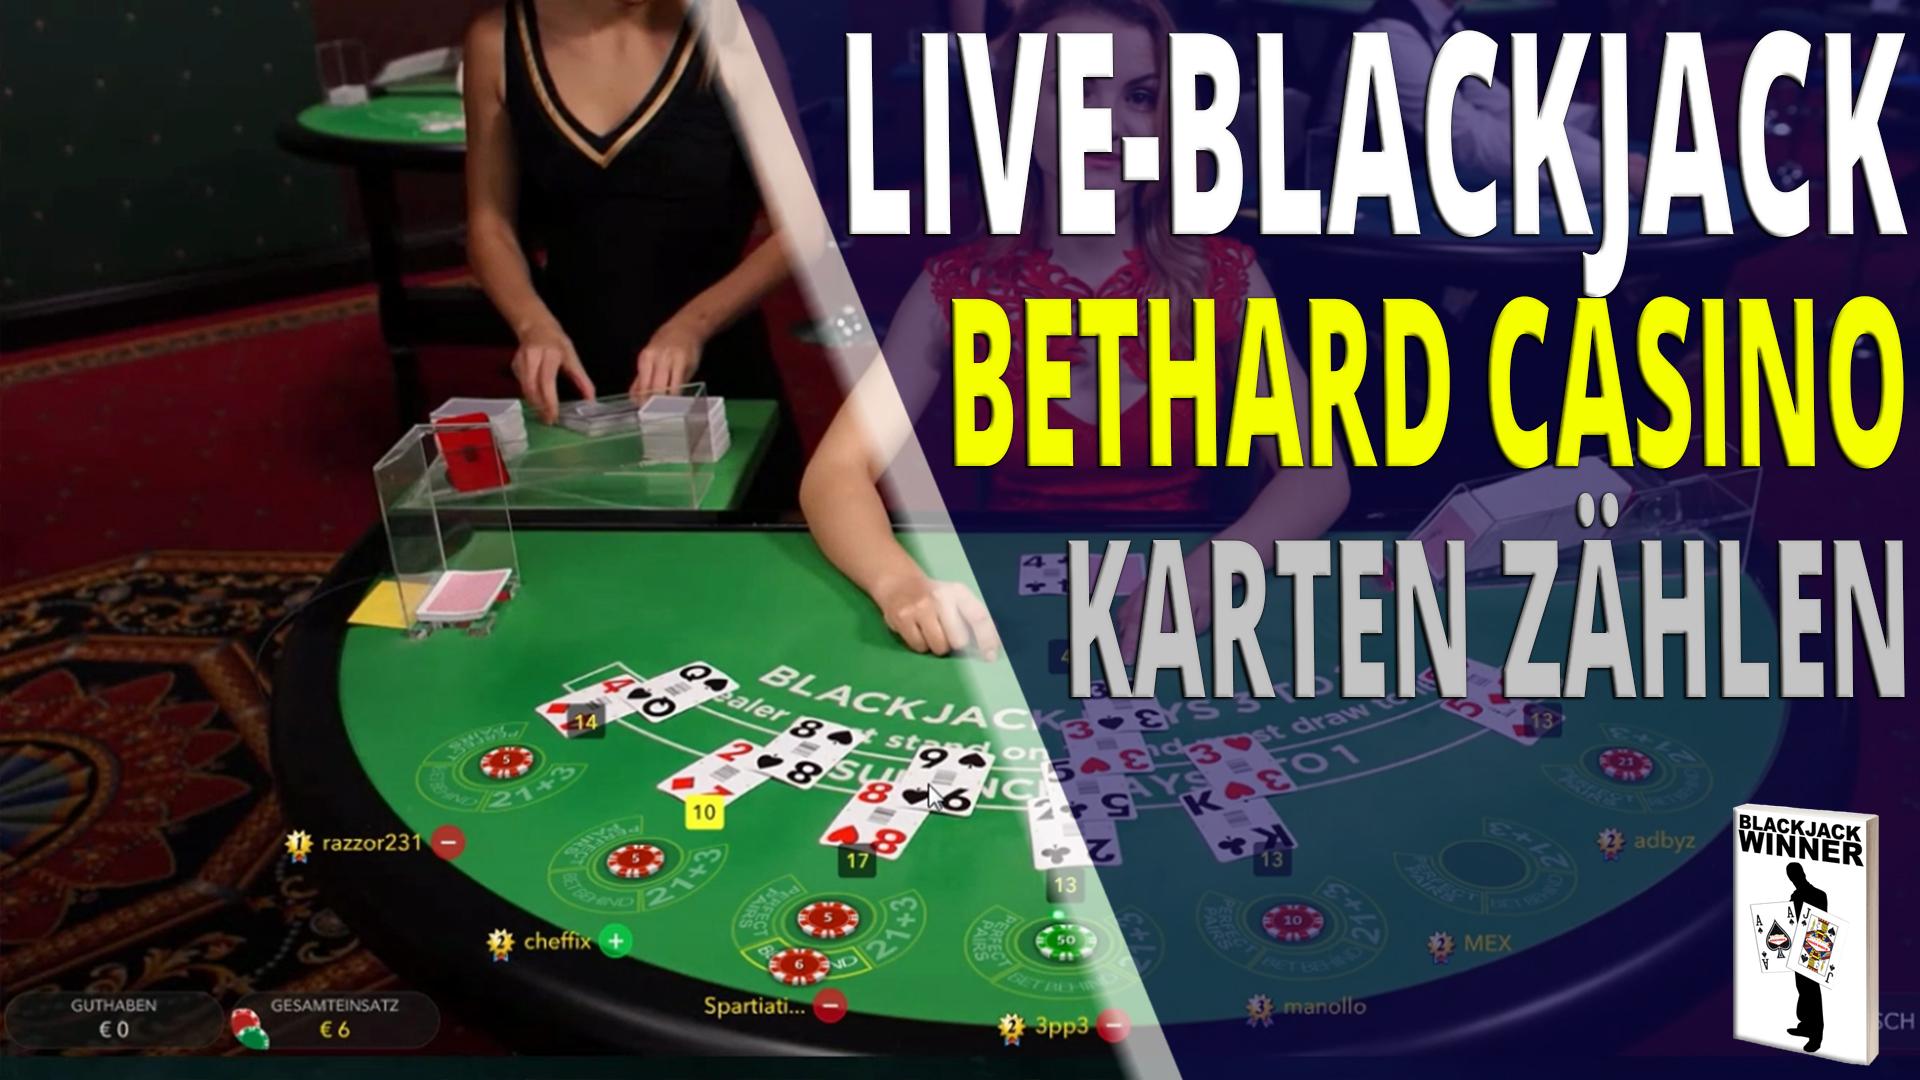 Live Blackjack im Bethard Online Casino